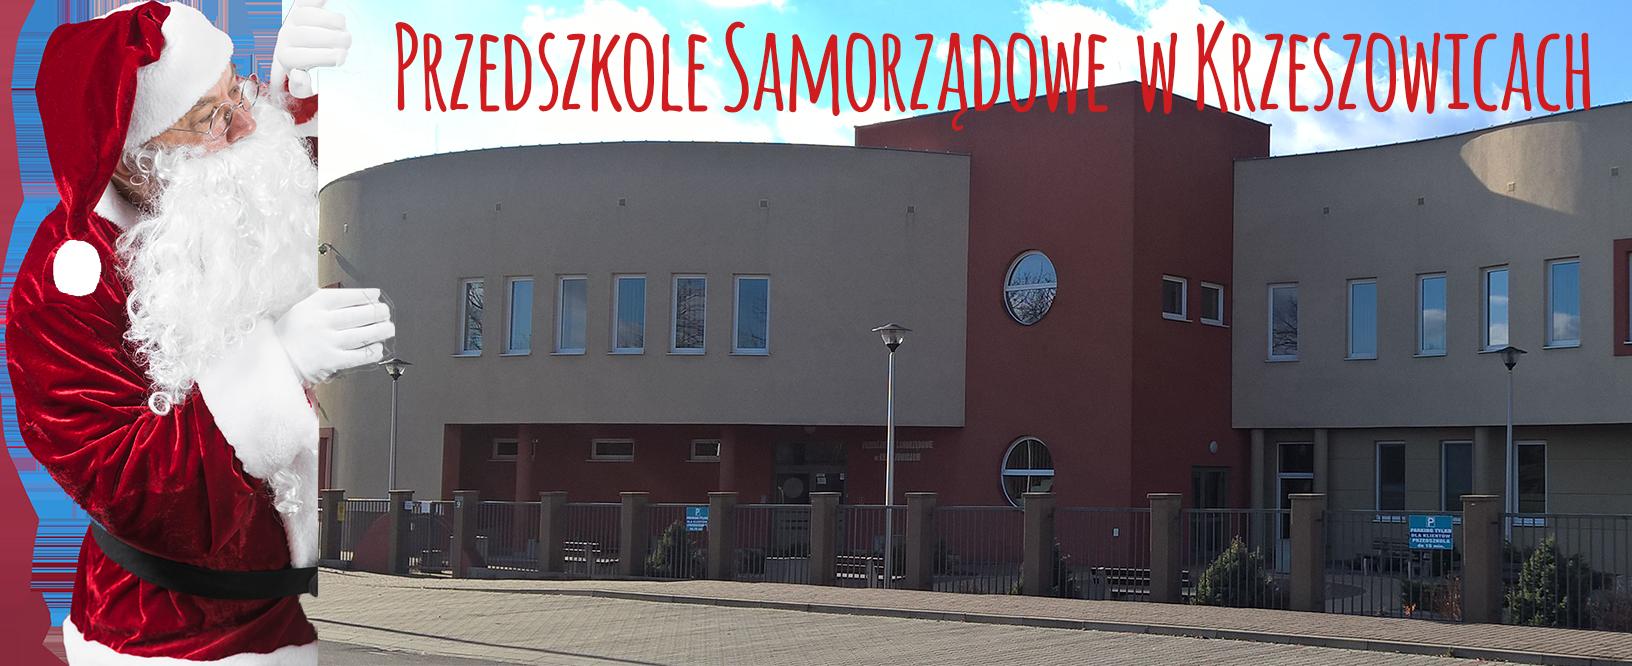 Przedszkole Samorządowe w Krzeszowicach